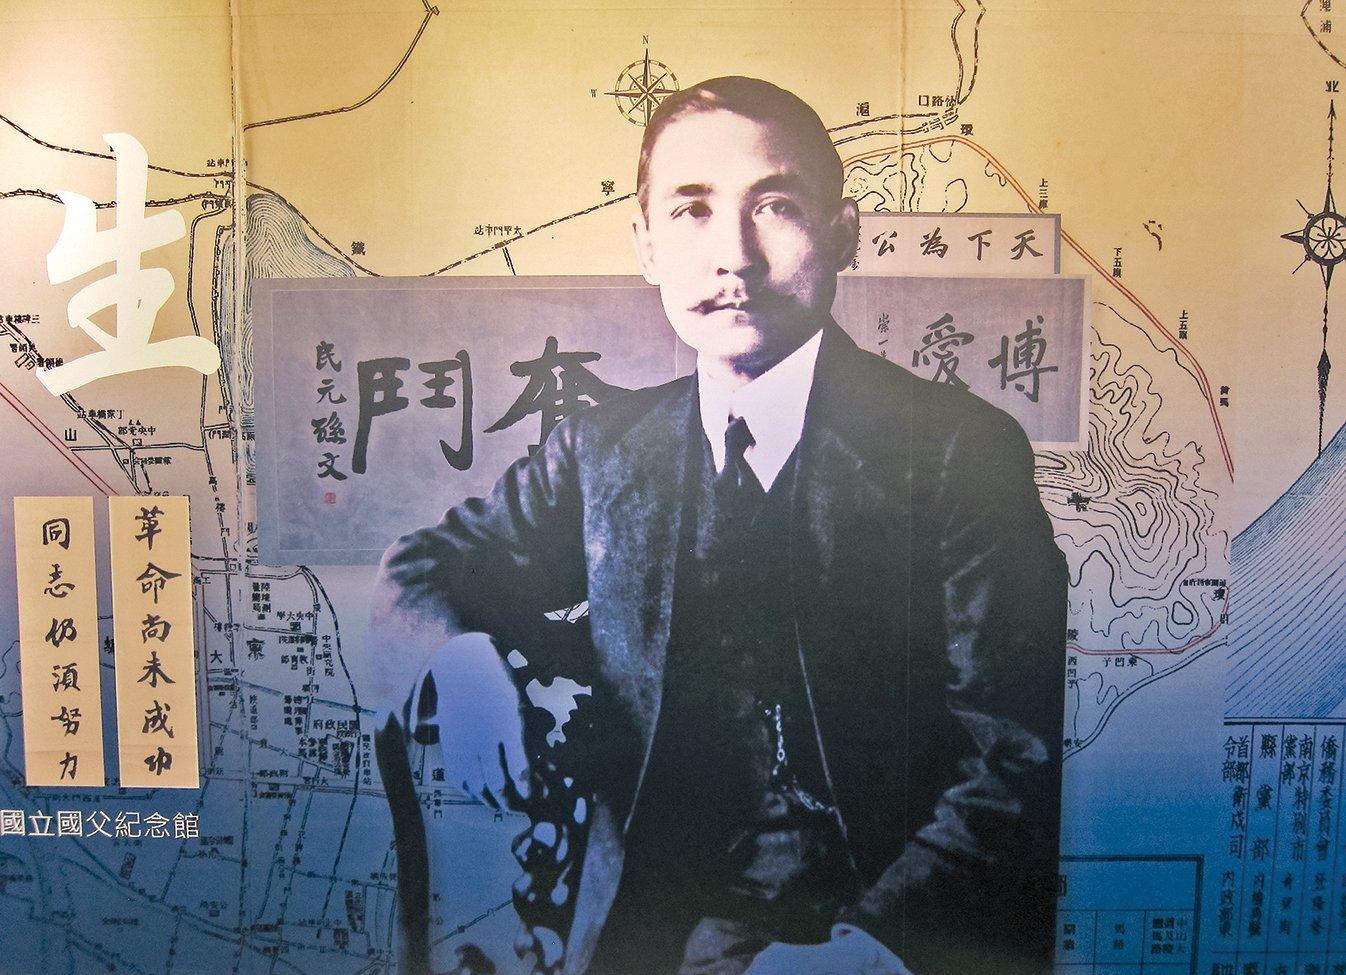 中華民國國父孫中山提出「民族、民權、民生」的三民主義思想。(鍾元/大紀元)